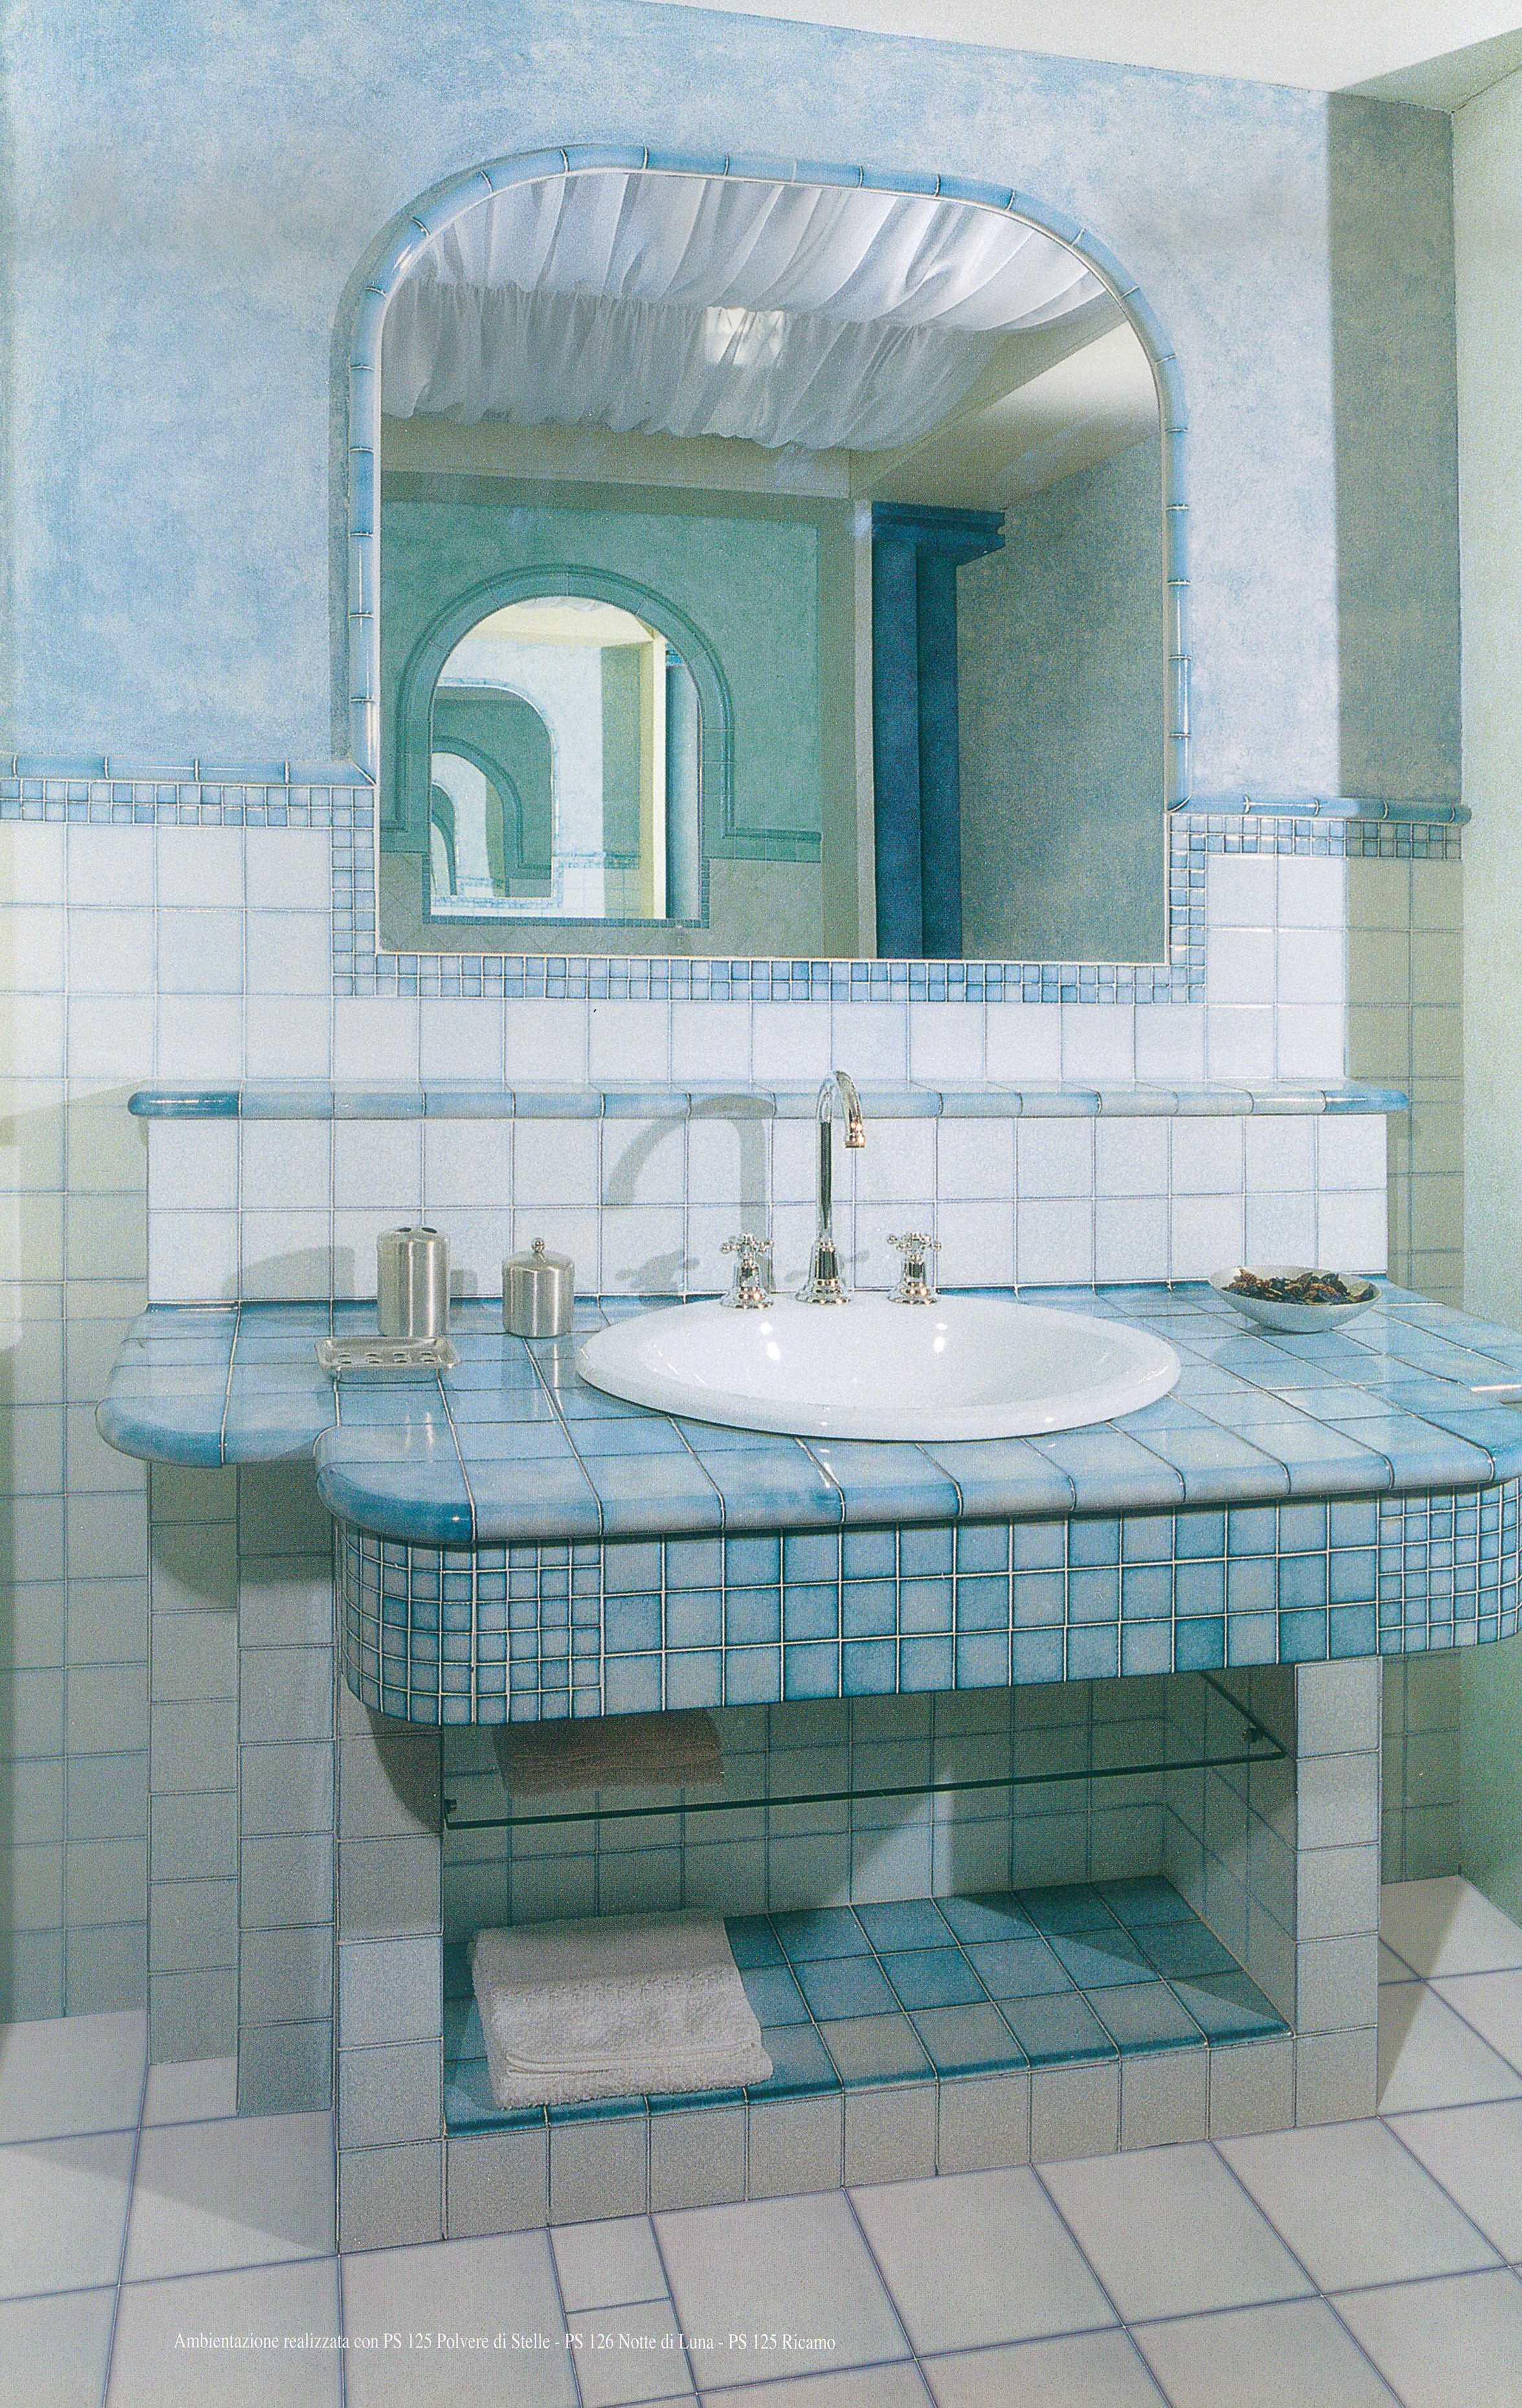 Bagno Con Mattonelle Blu.Dettagli Su Piastrelle Pavimento Rivestimento Bagno Fac Azzurre Blu Bianche 10x10 20x20